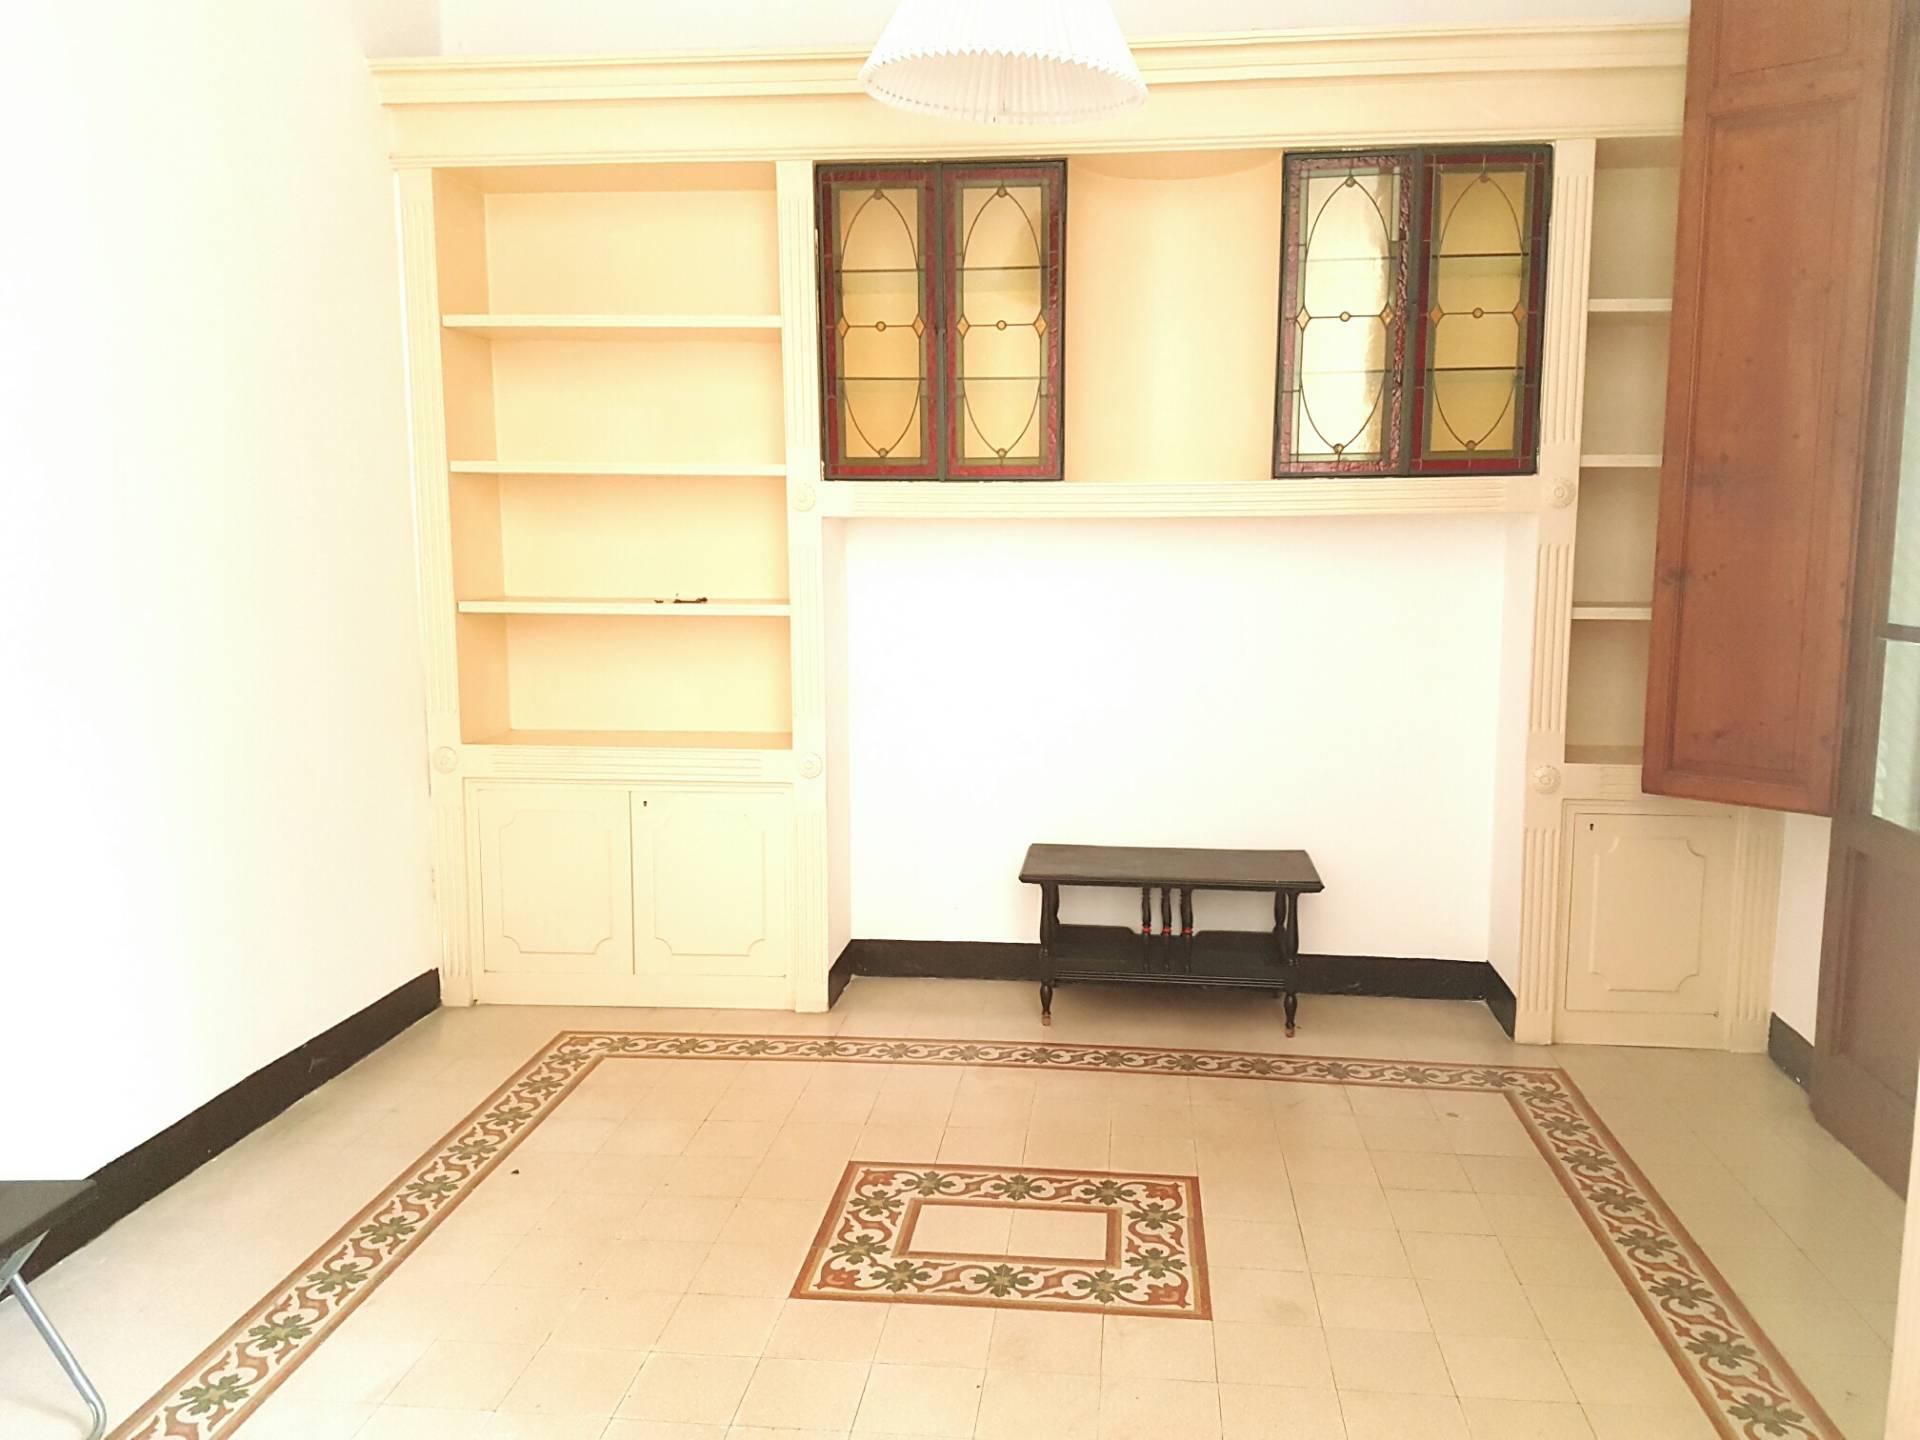 Soluzione Indipendente in affitto a Viareggio, 9 locali, zona Località: Centro, prezzo € 1.000 | Cambio Casa.it